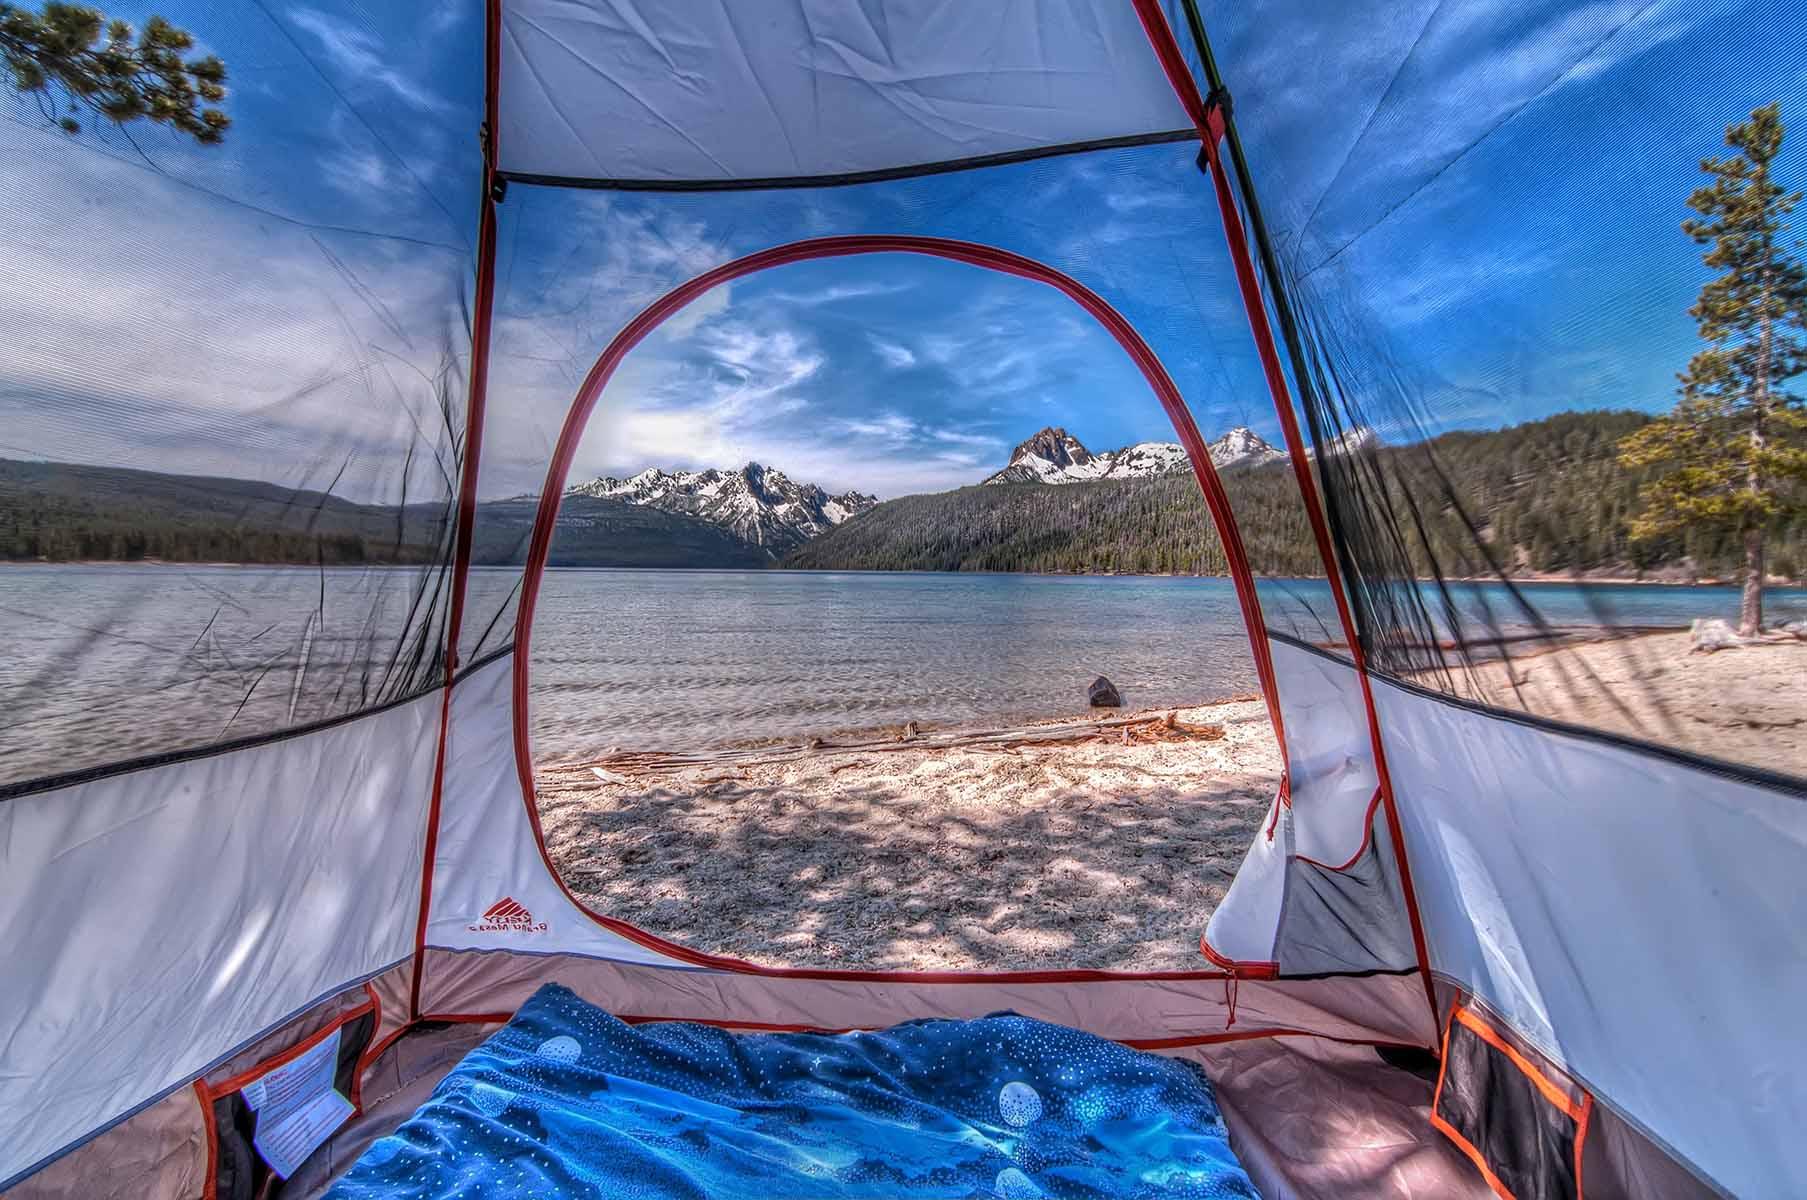 Сех в палатке фото 26 фотография